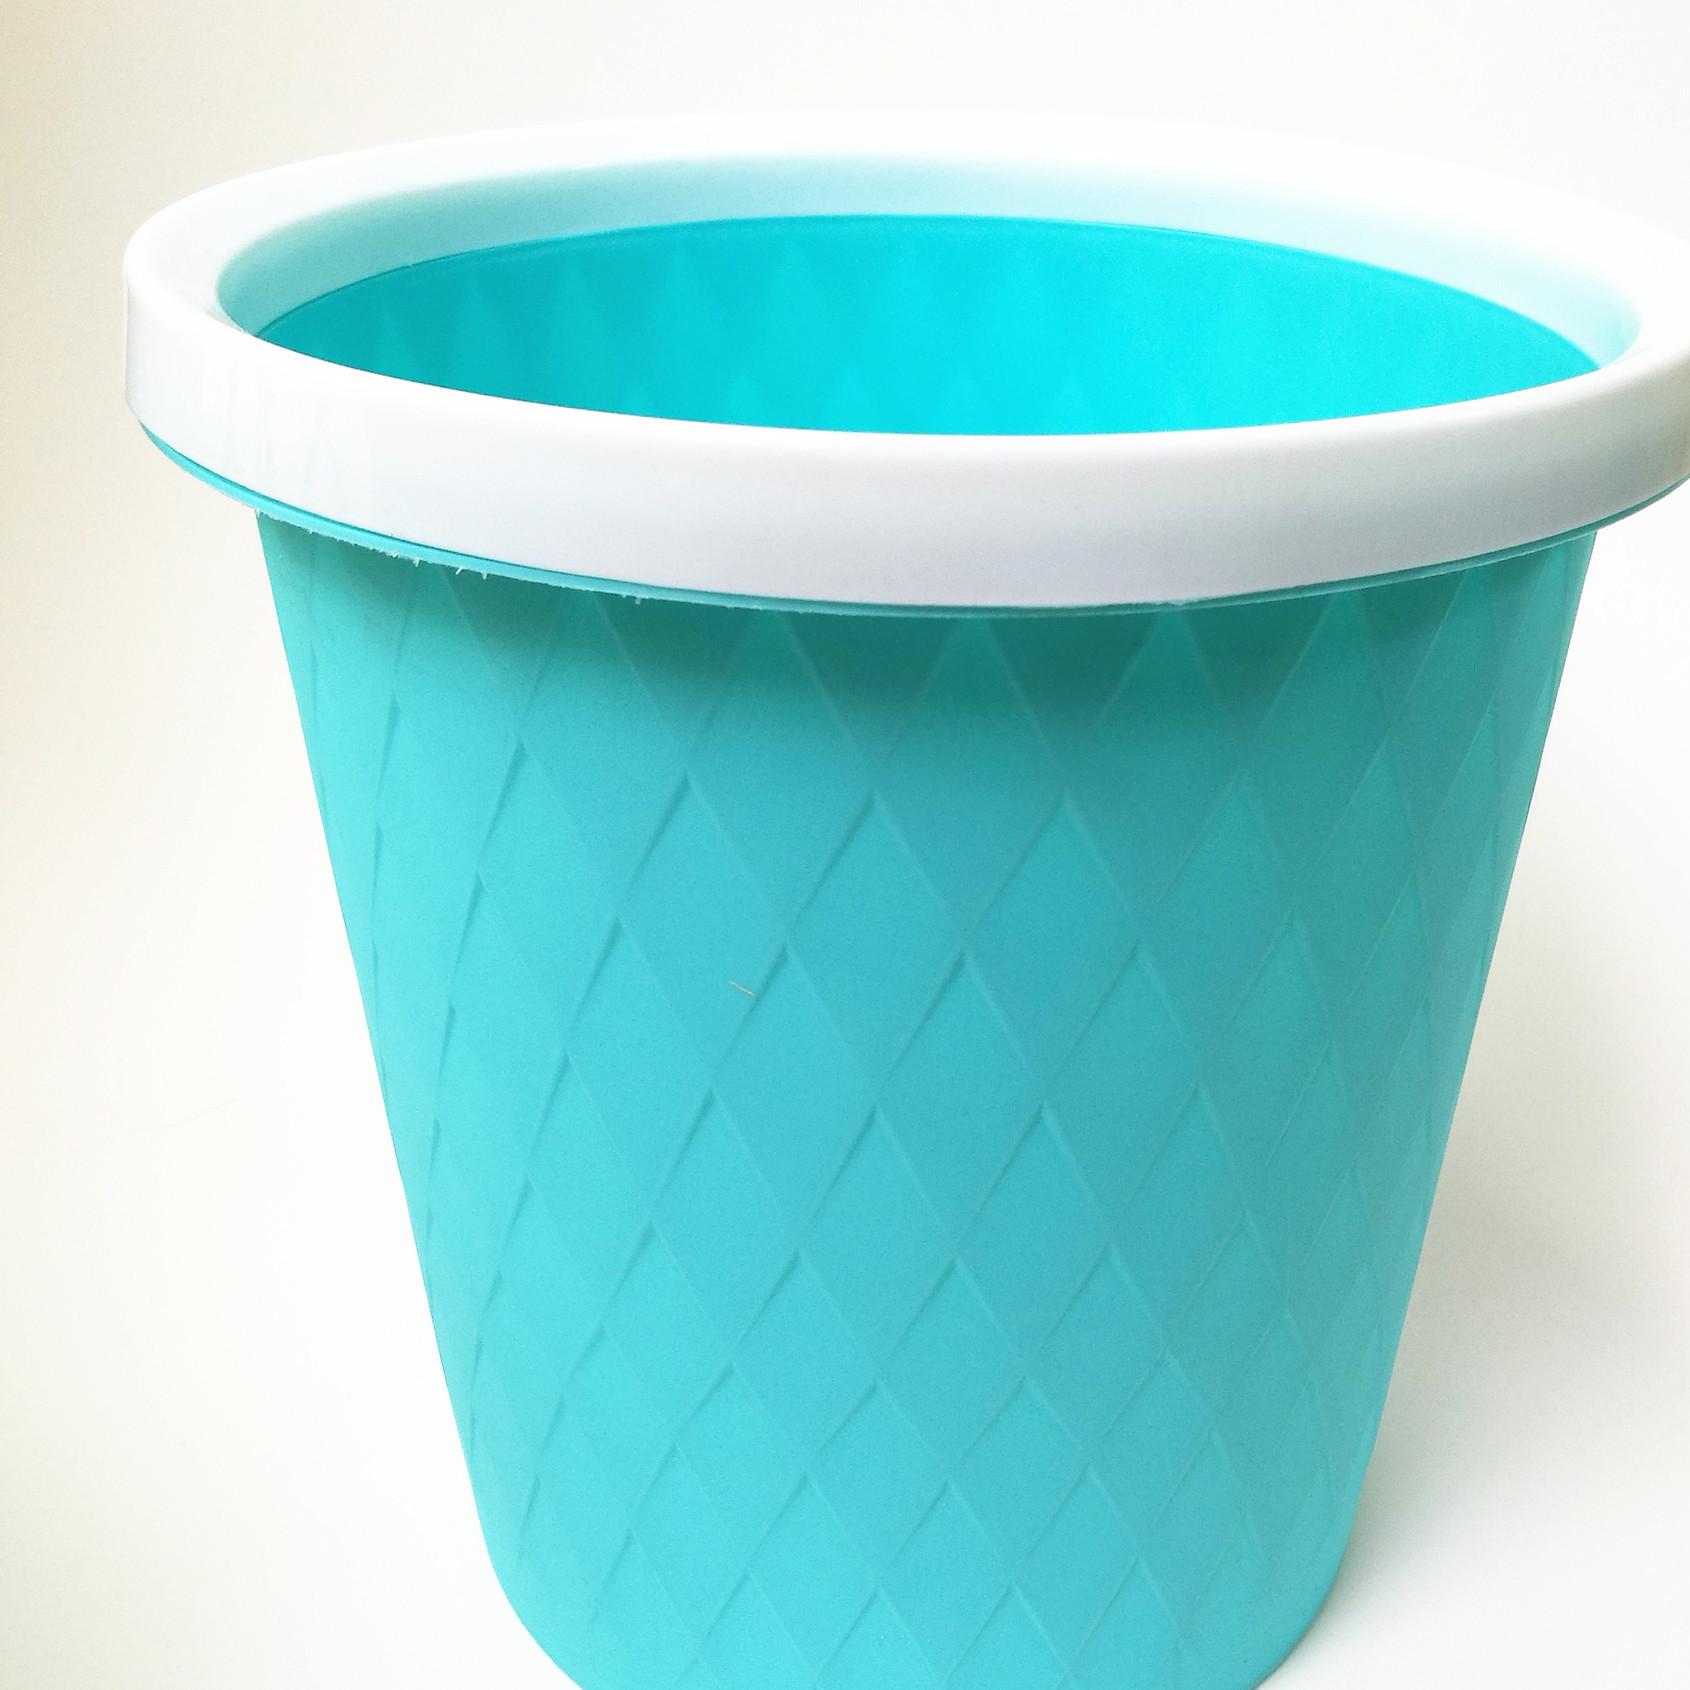 时尚家用垃圾桶厨房卫生间塑料收纳桶 五元六元店地摊百货货源